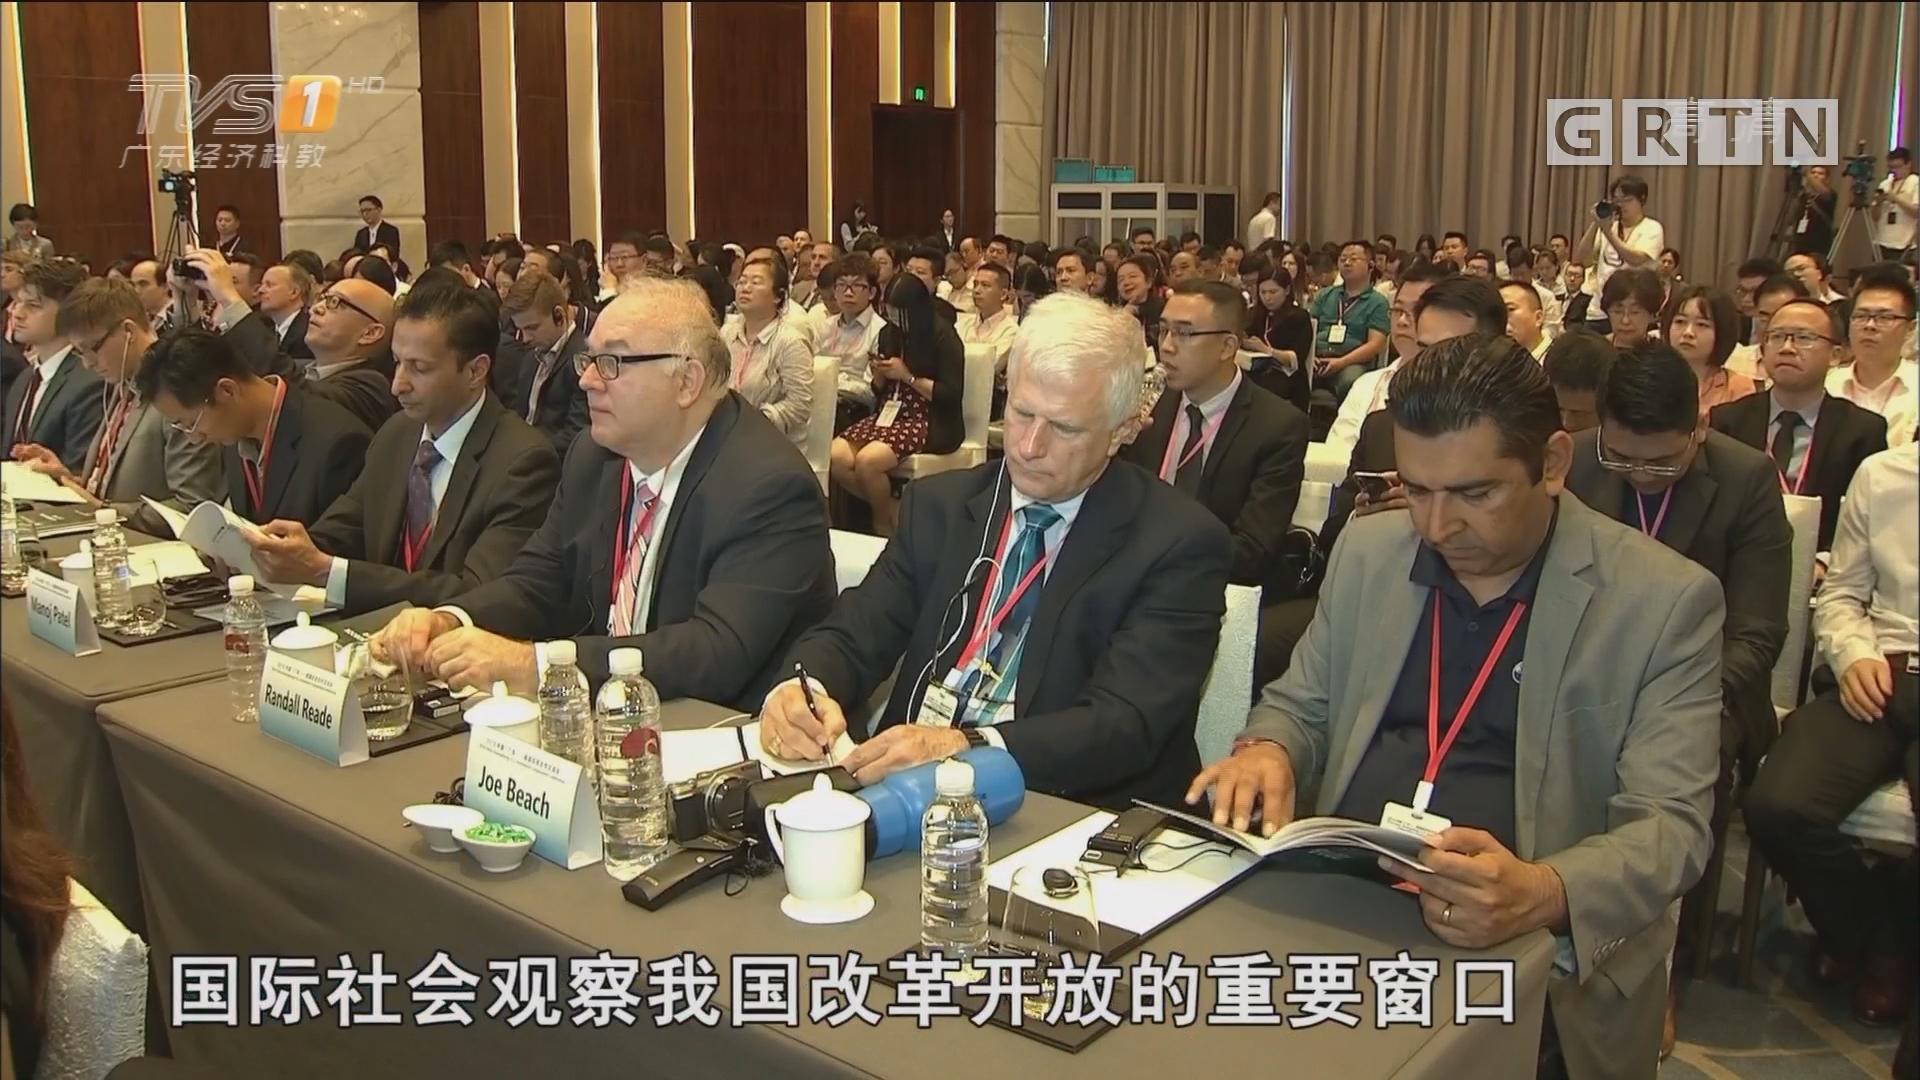 中国(广东)——美国投资合作交流会在广州举行:马兴瑞出席并发表主旨演讲